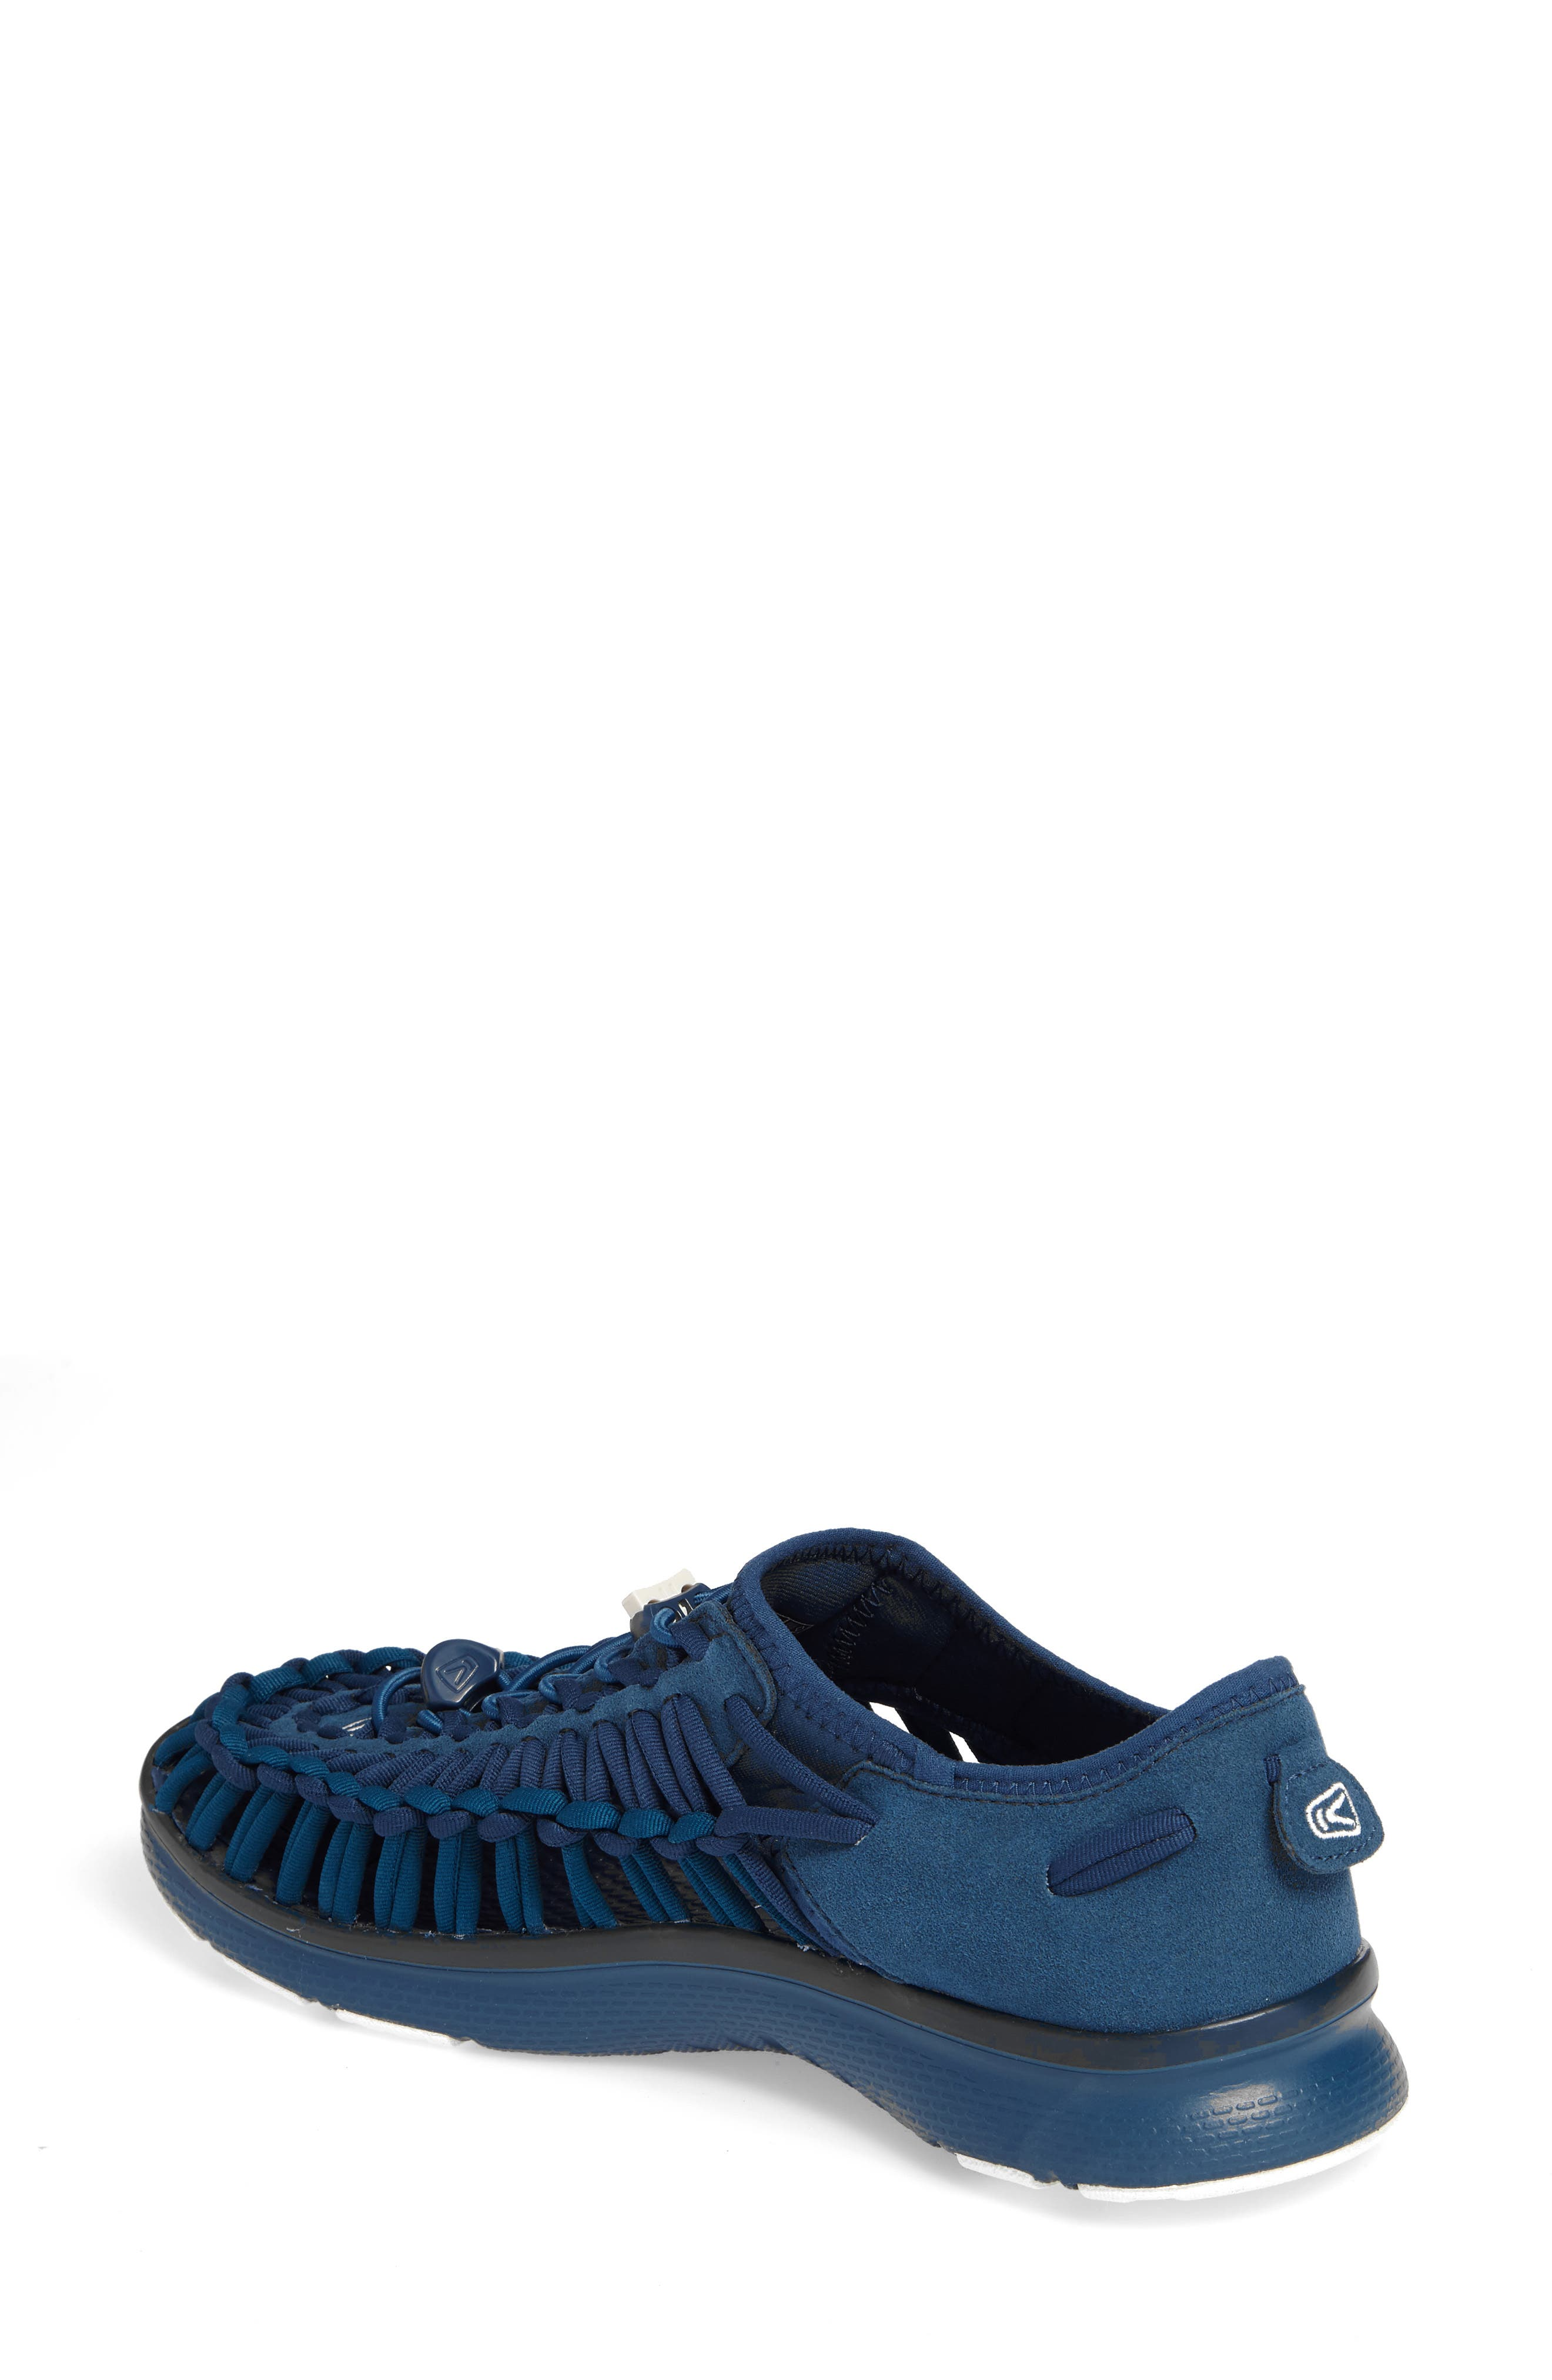 Alternate Image 2  - Keen Uneek Water Sneaker (Women)